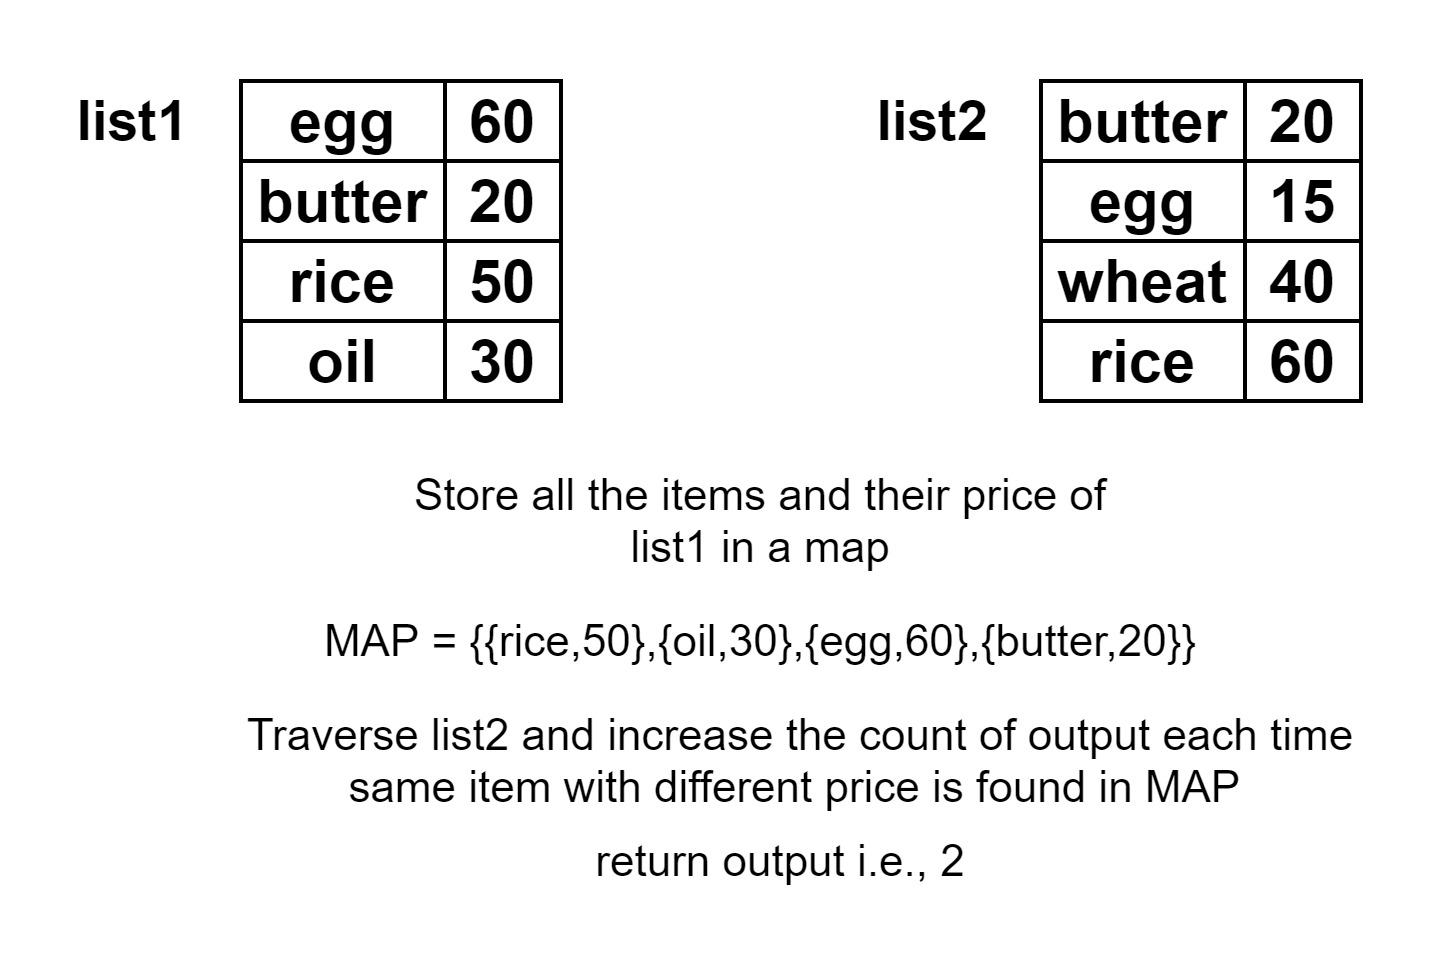 Μετρήστε τα κοινά στοιχεία και στις δύο λίστες αλλά με διαφορετικές τιμές